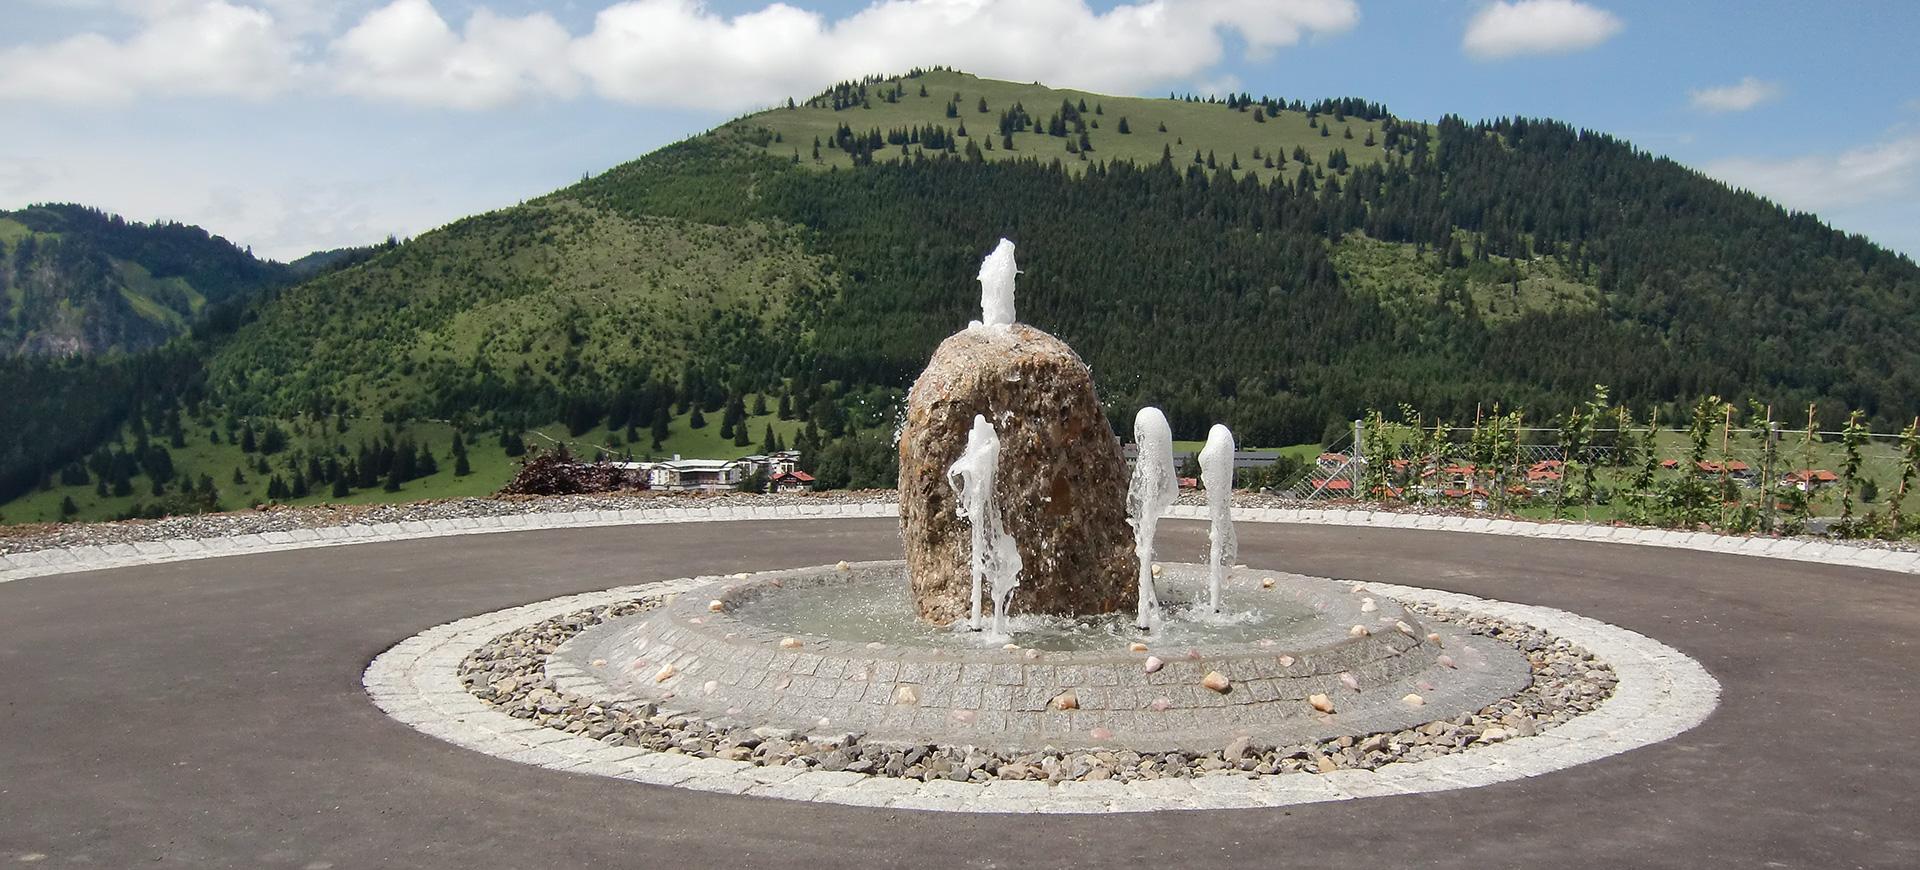 Biohotel Mattlihüs Brunnen